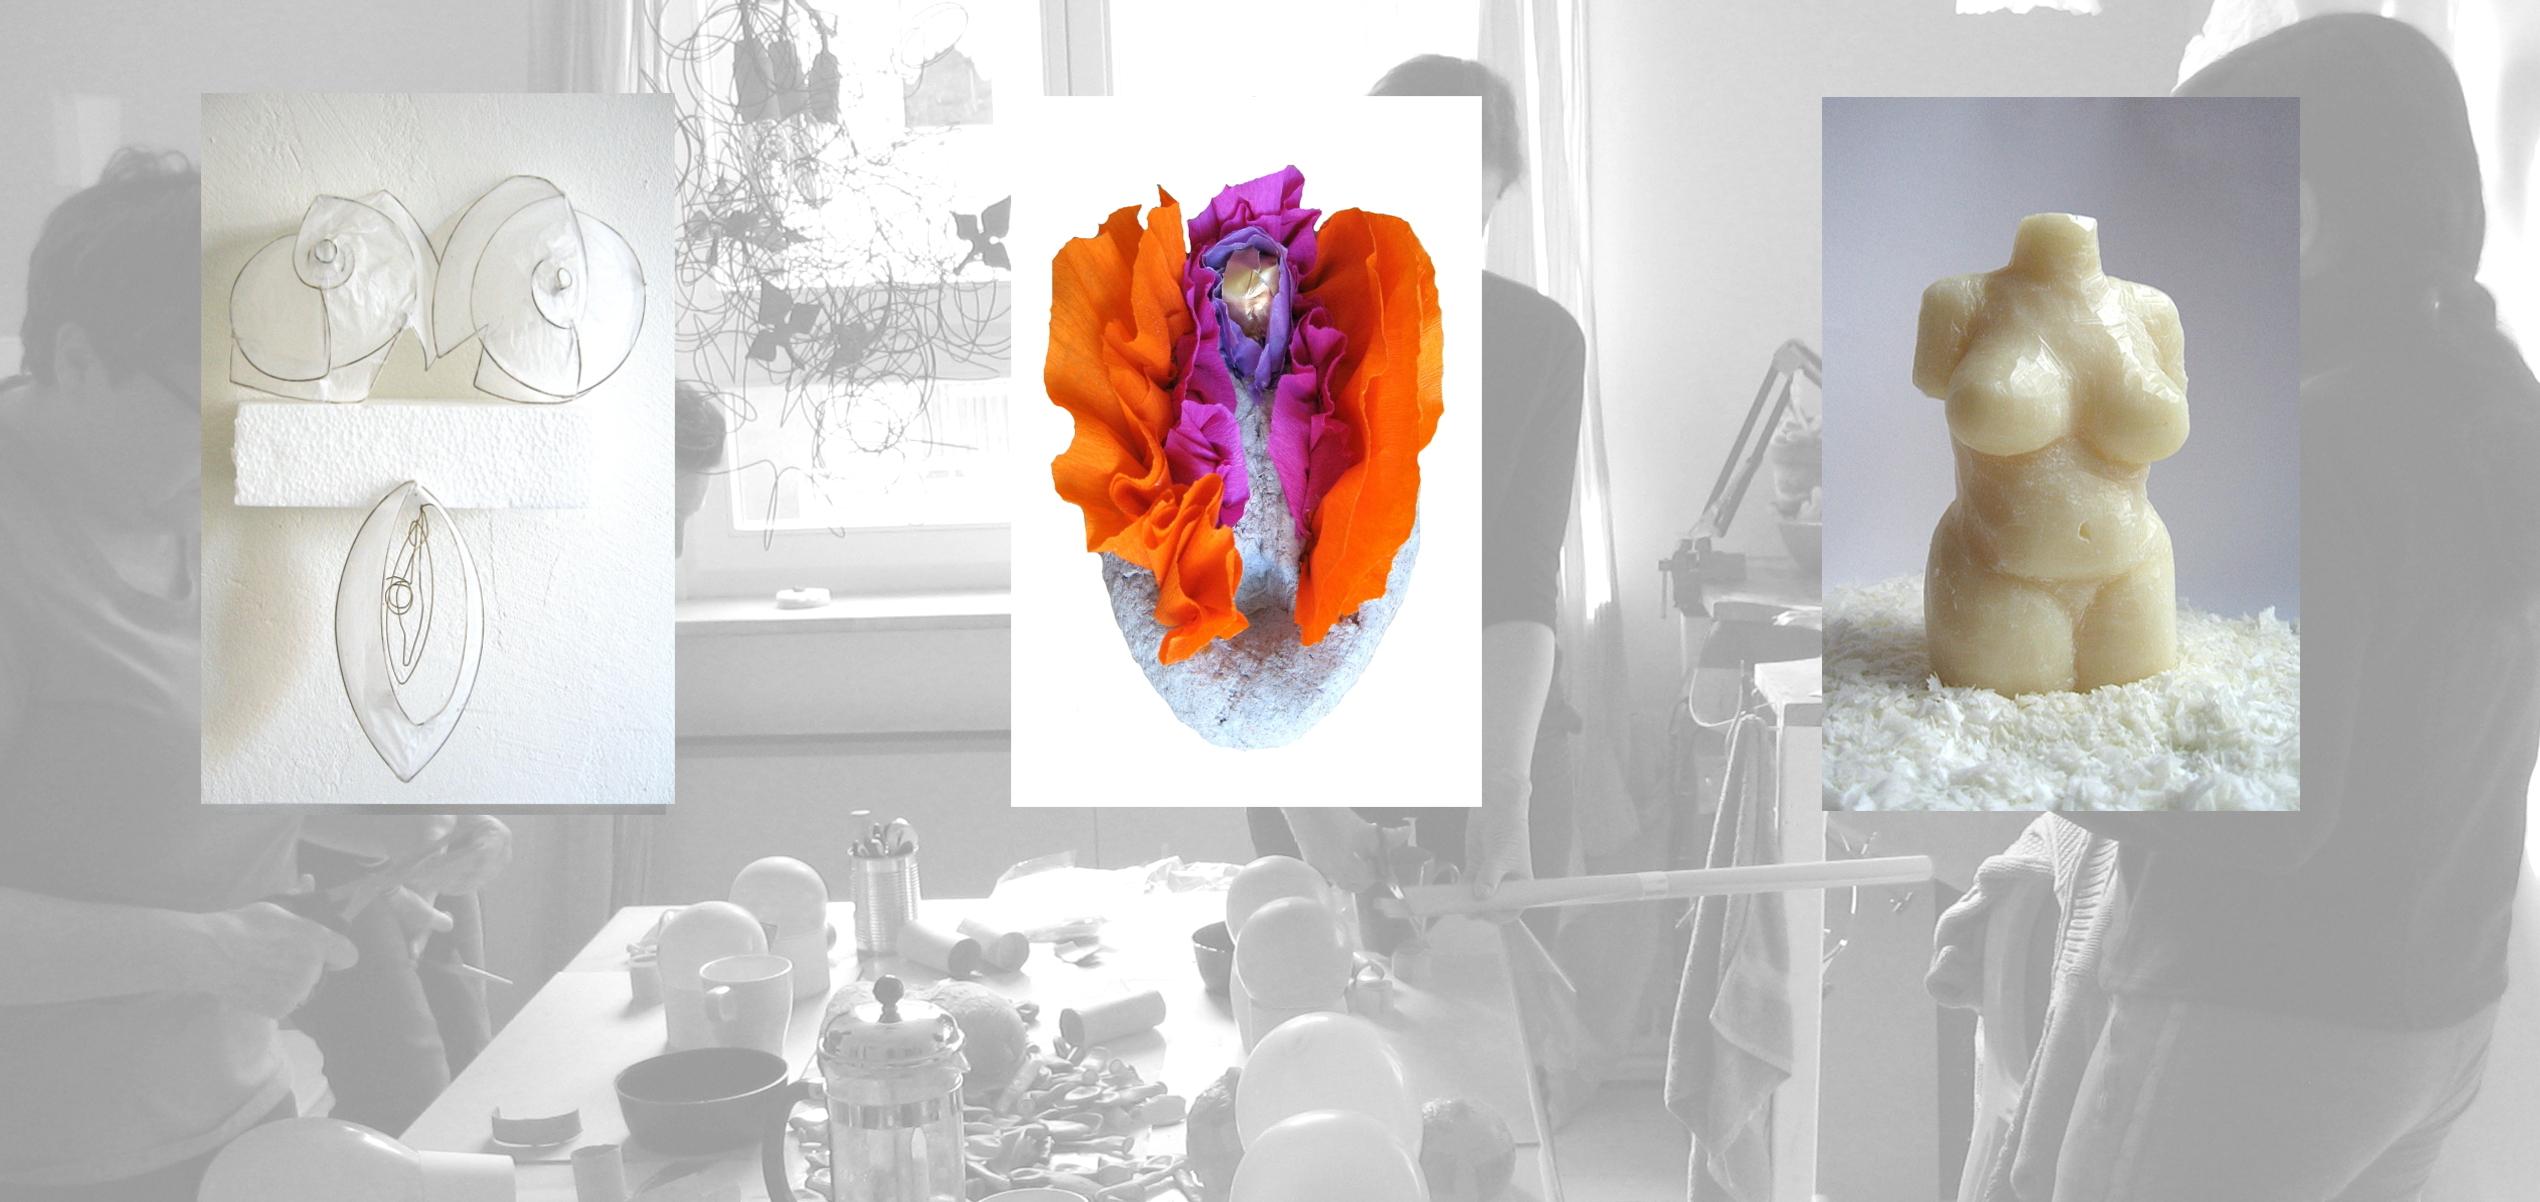 Liebe Dich Und Deinen Körper: Skulpturen Workshops Für Frauen